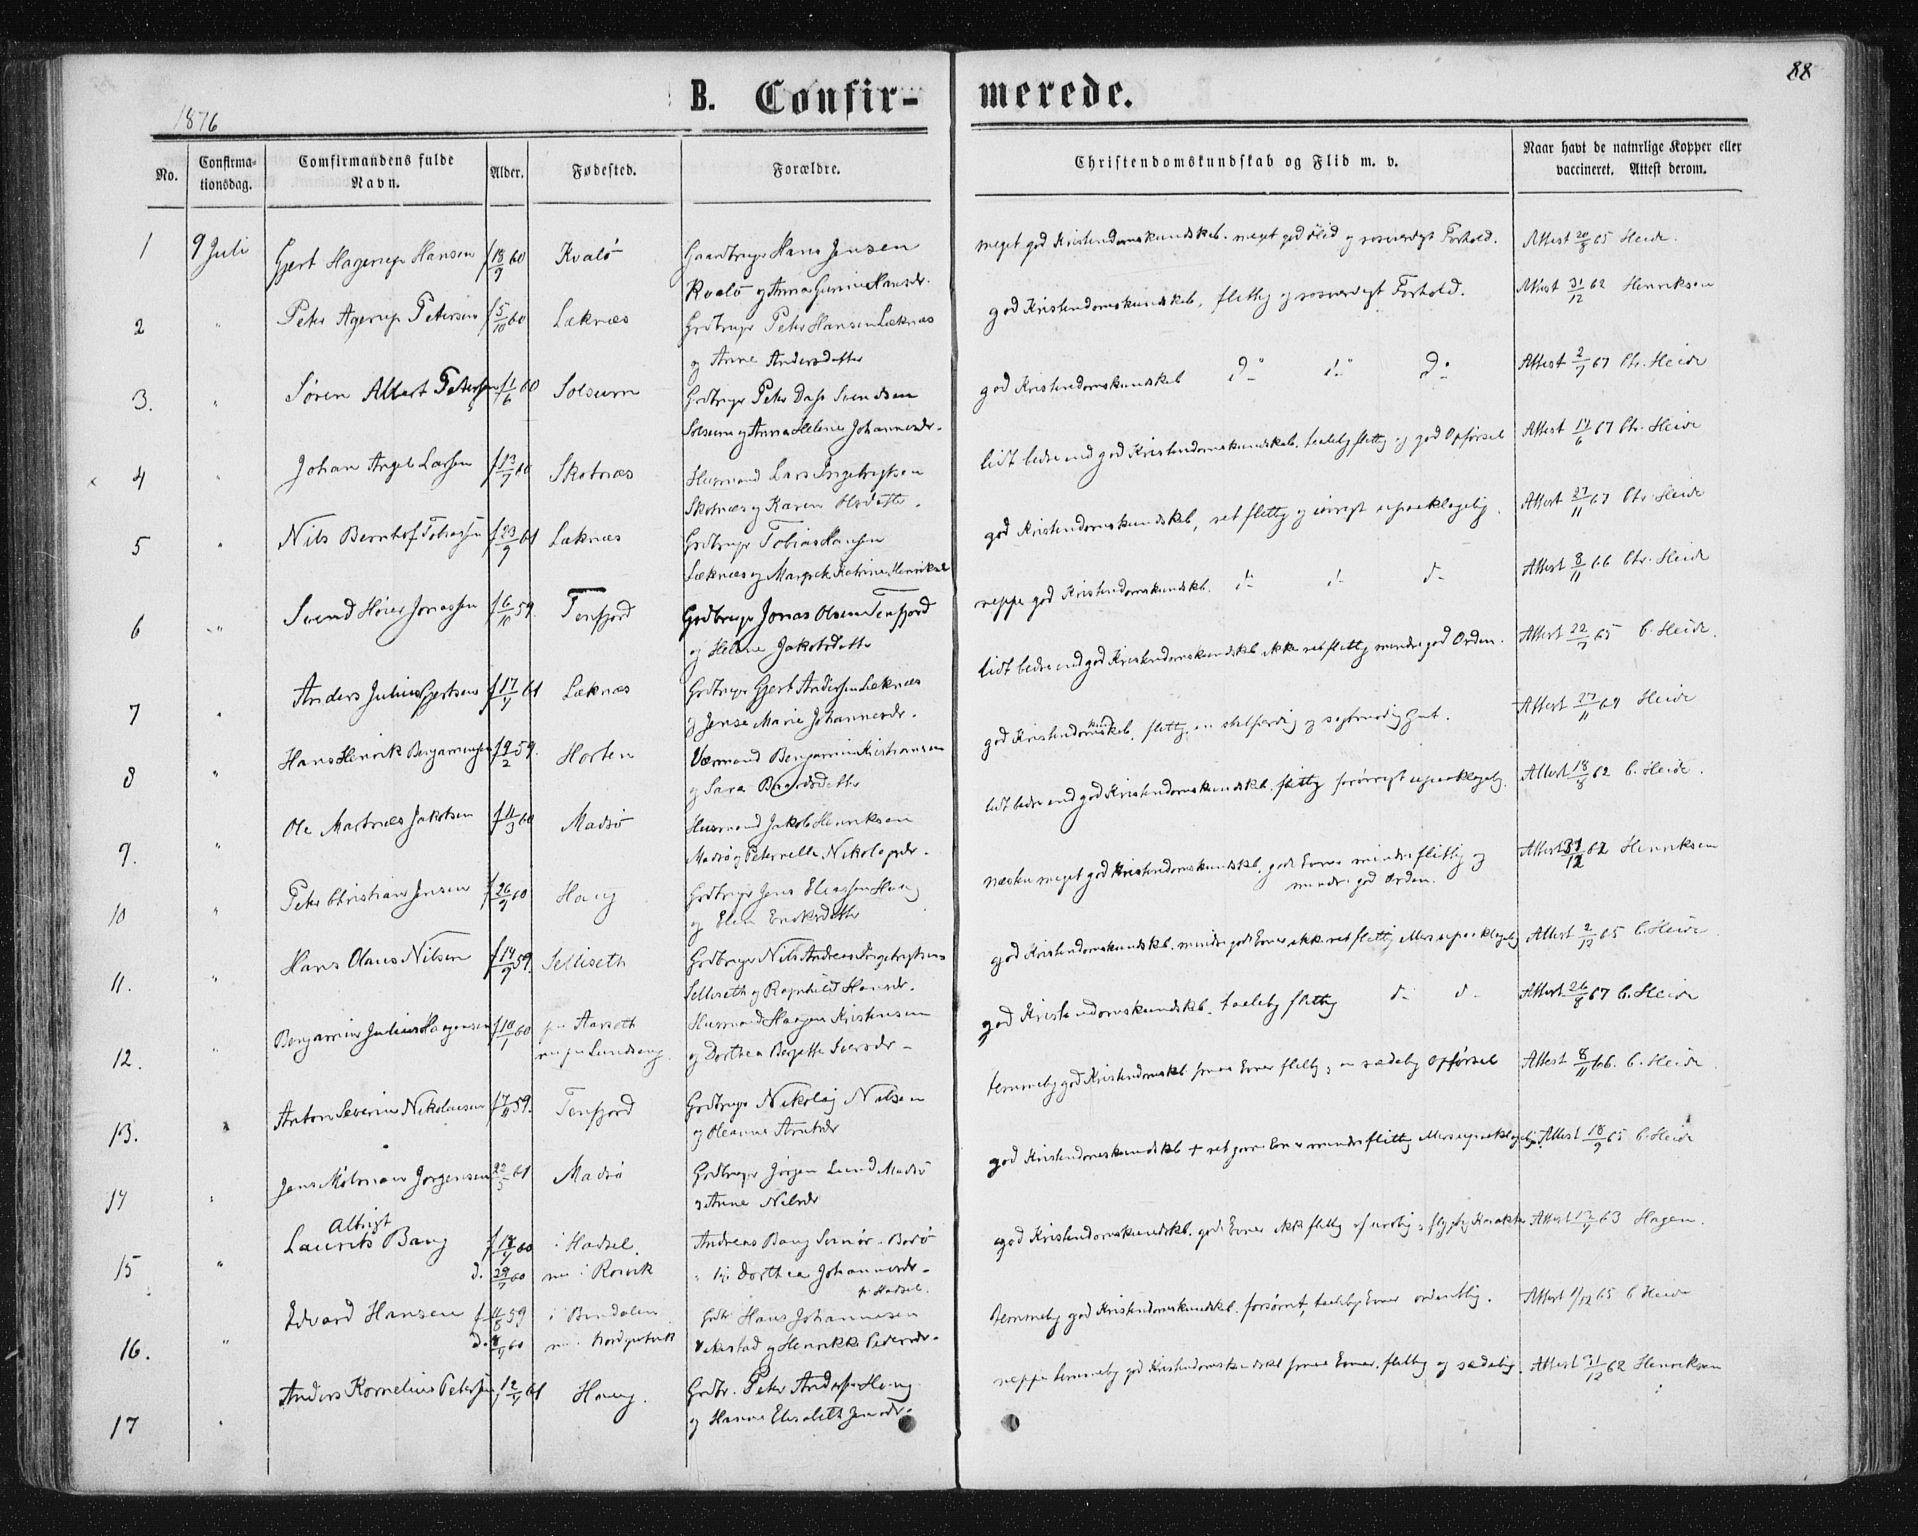 SAT, Ministerialprotokoller, klokkerbøker og fødselsregistre - Nord-Trøndelag, 788/L0696: Ministerialbok nr. 788A03, 1863-1877, s. 88